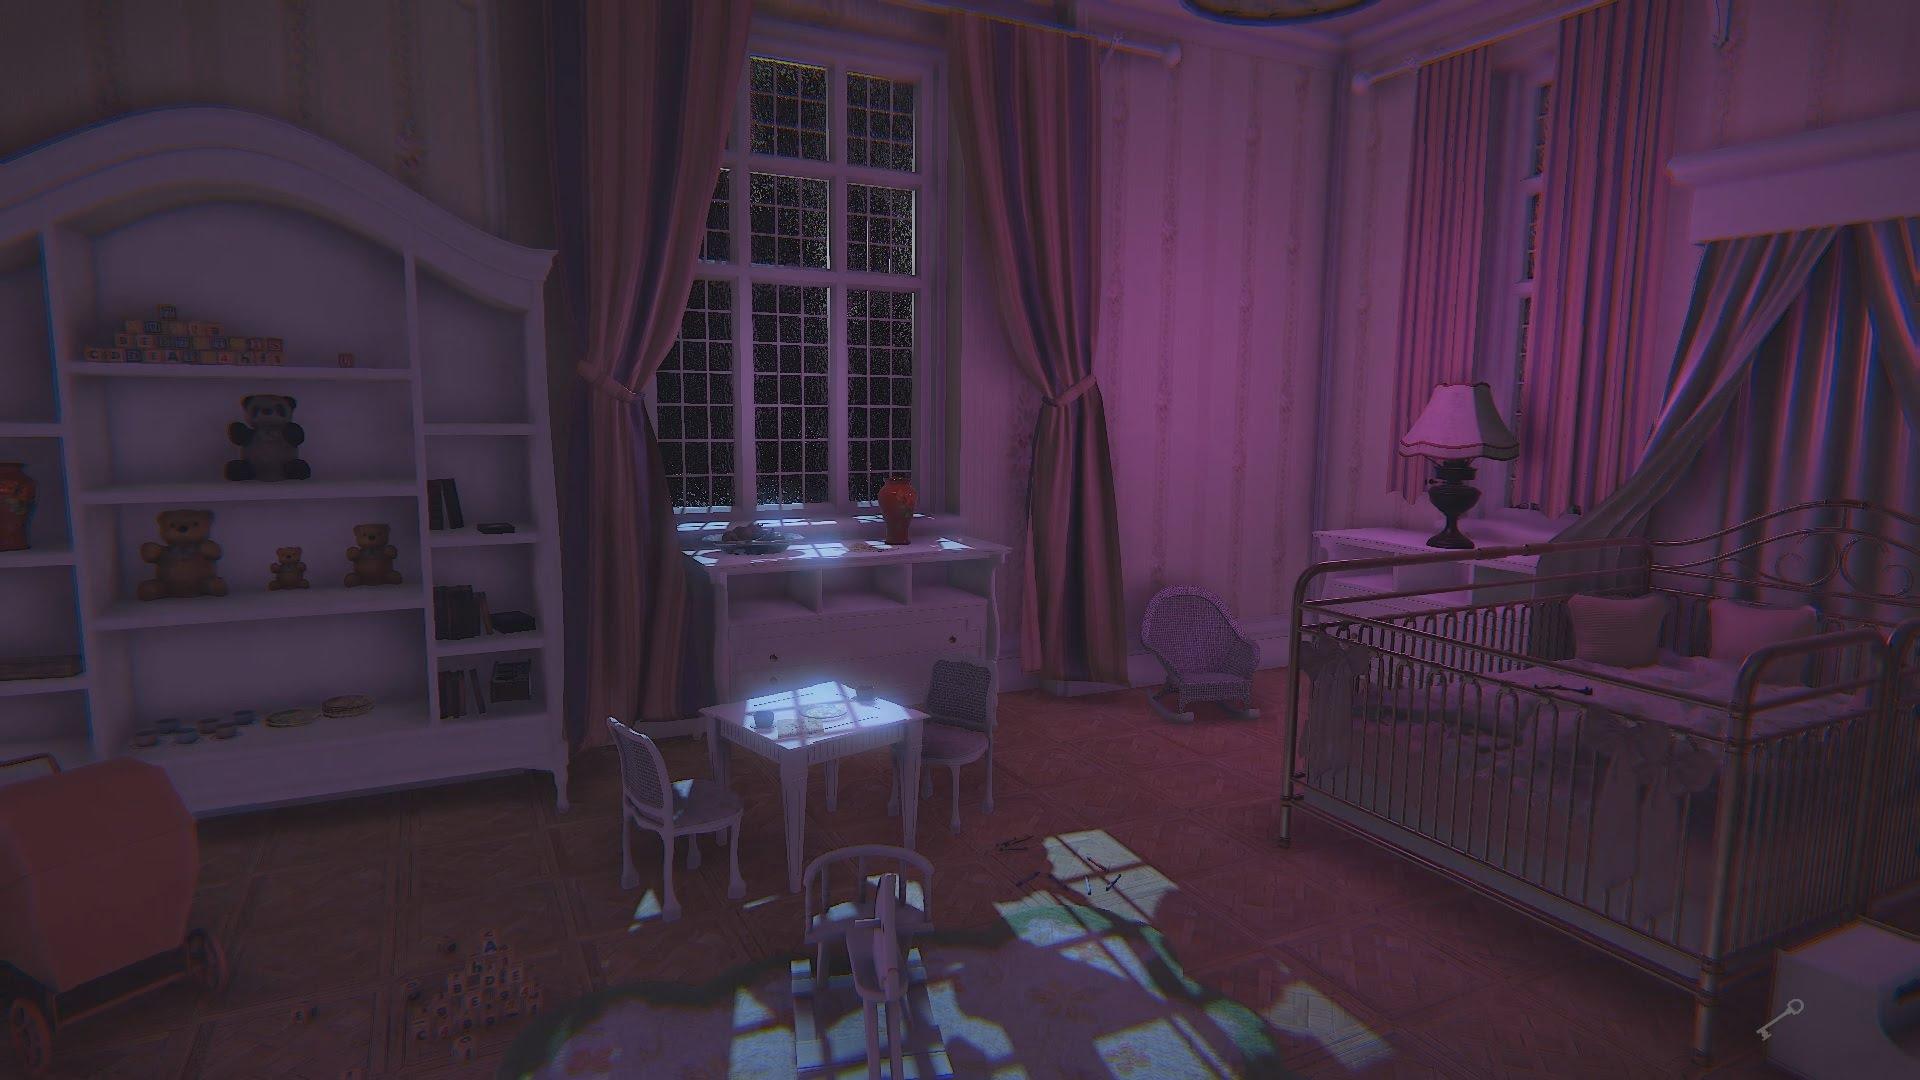 Alcune stanze sembrano quasi tranquille...